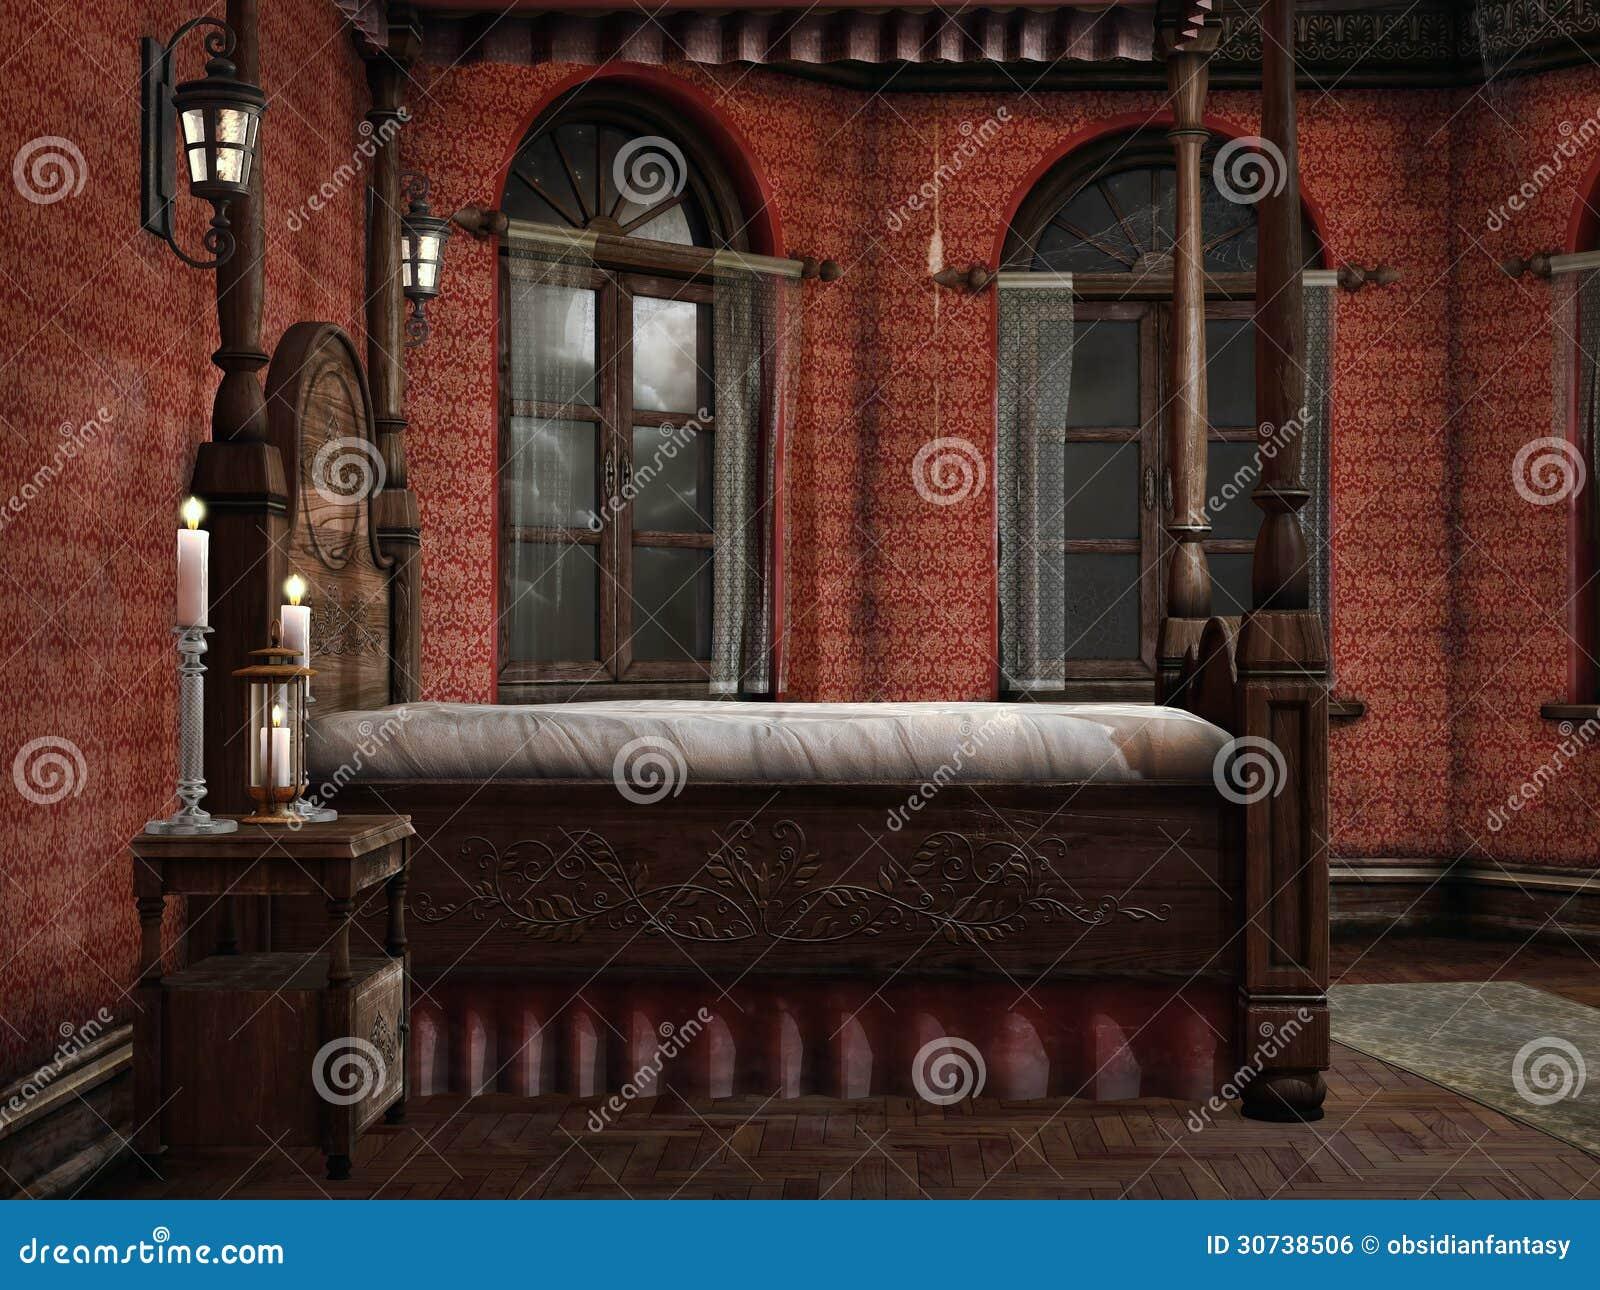 romantische schlafzimmer kerzen schlafzimmer mit lampen und kerzen lizenzfreies stockbild bild - Schlafzimmer Kerzen